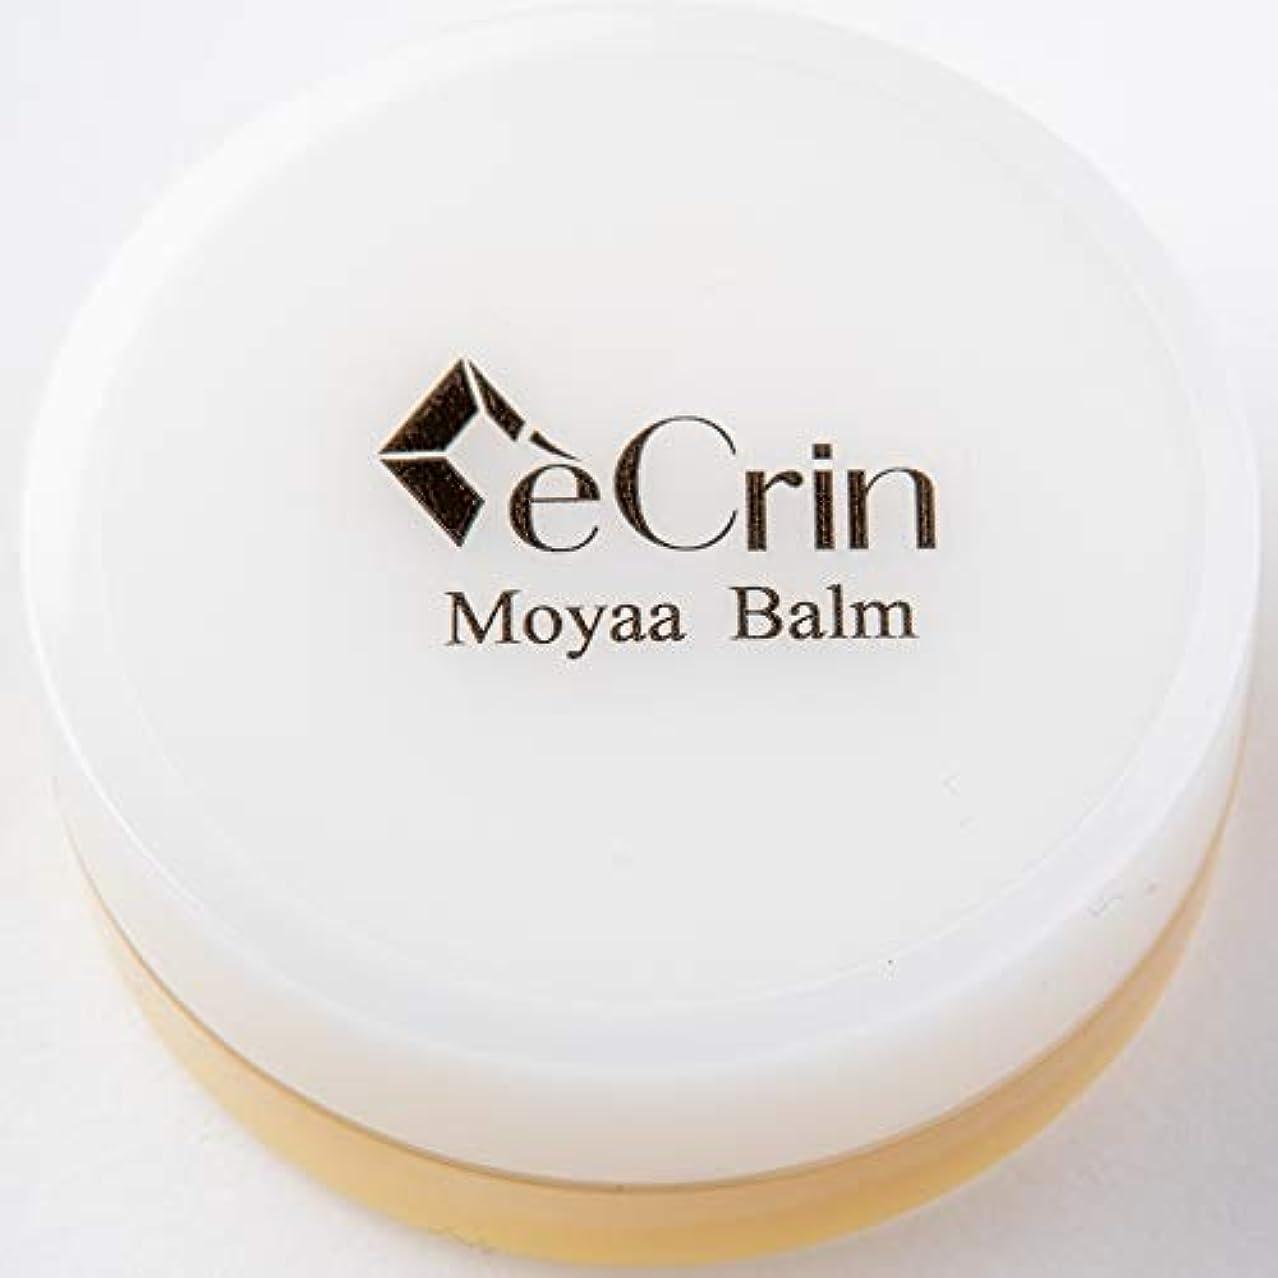 シャープ勝つ革命Moyaa Balm (モーヤバーム)天然成分のみで仕上げたシアバター white 無添加 天然成分100%